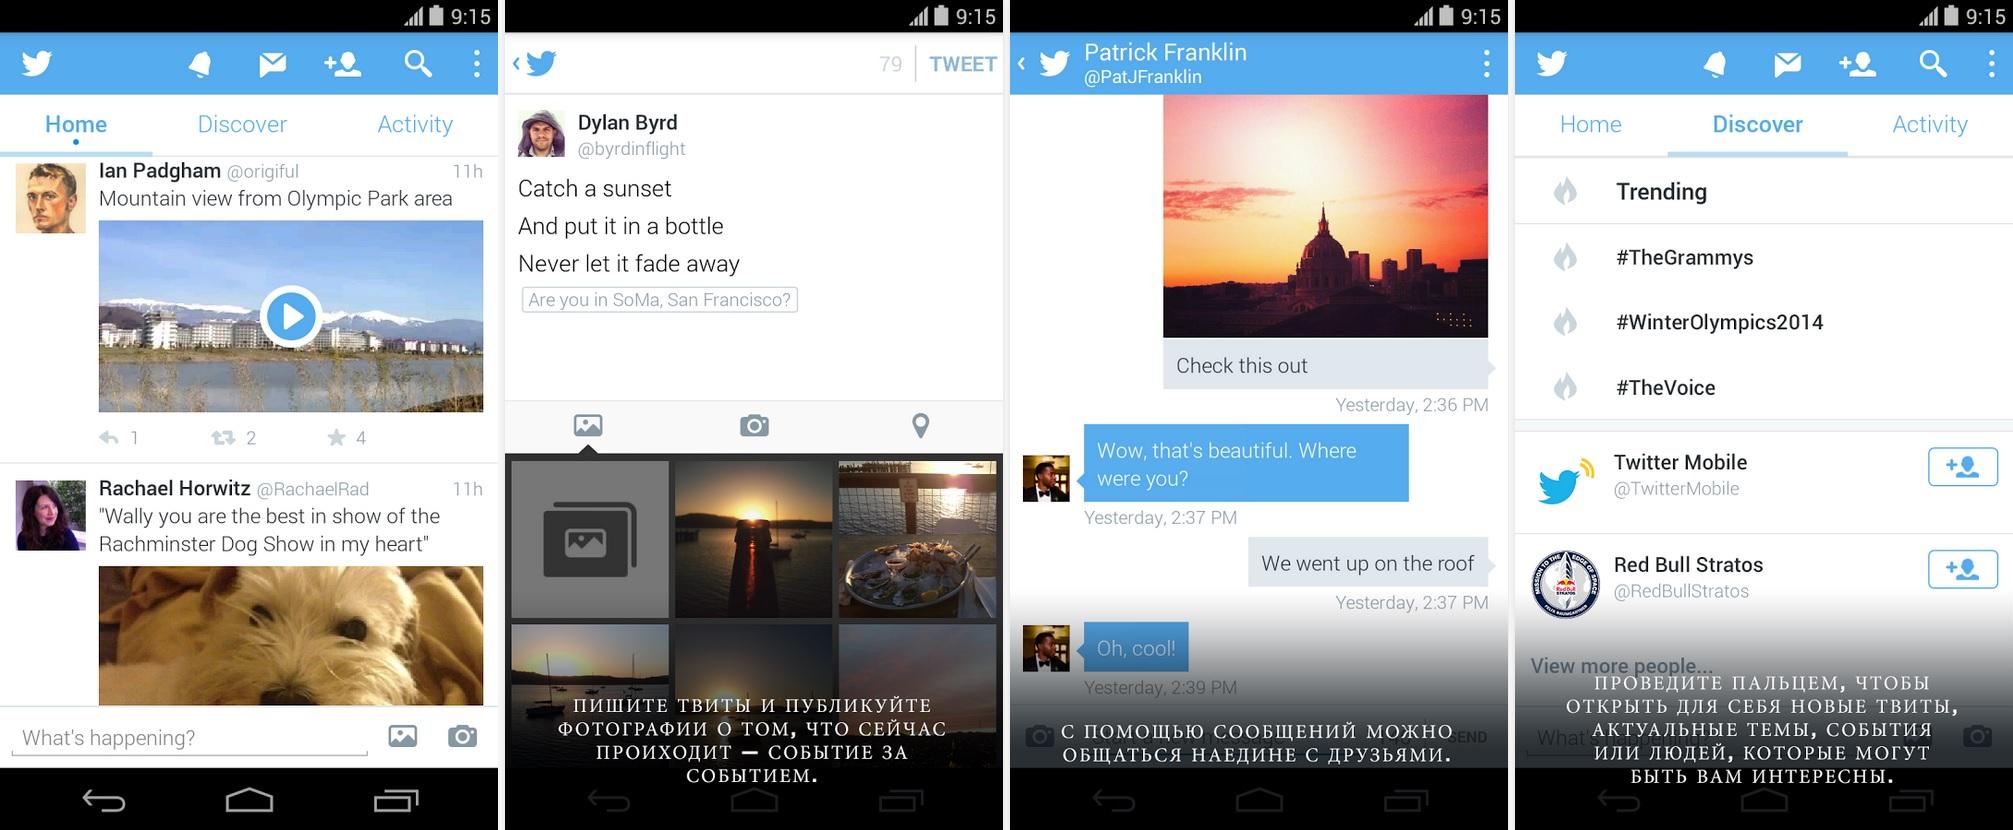 Скриншот к Твиттеру